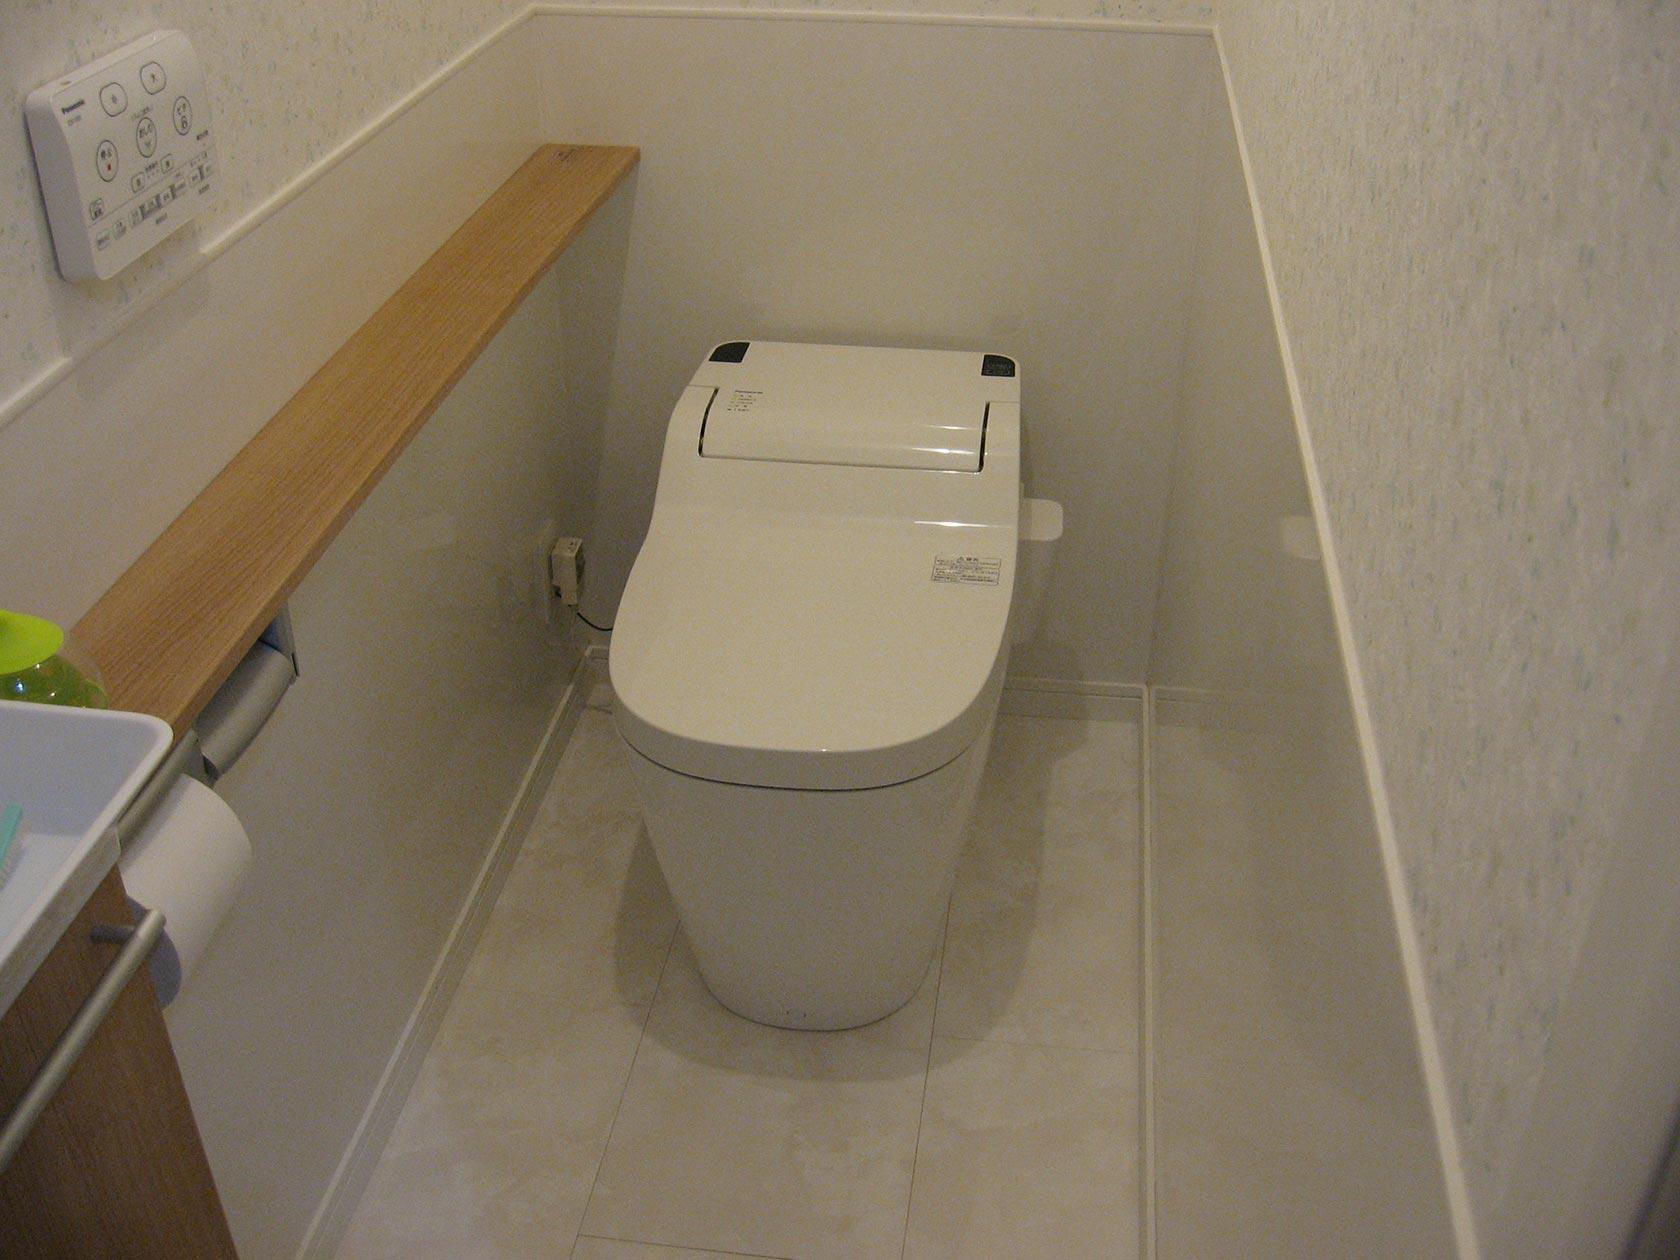 http://www.qualityhouse.co.jp/g/sekourei-blog/107.jpg